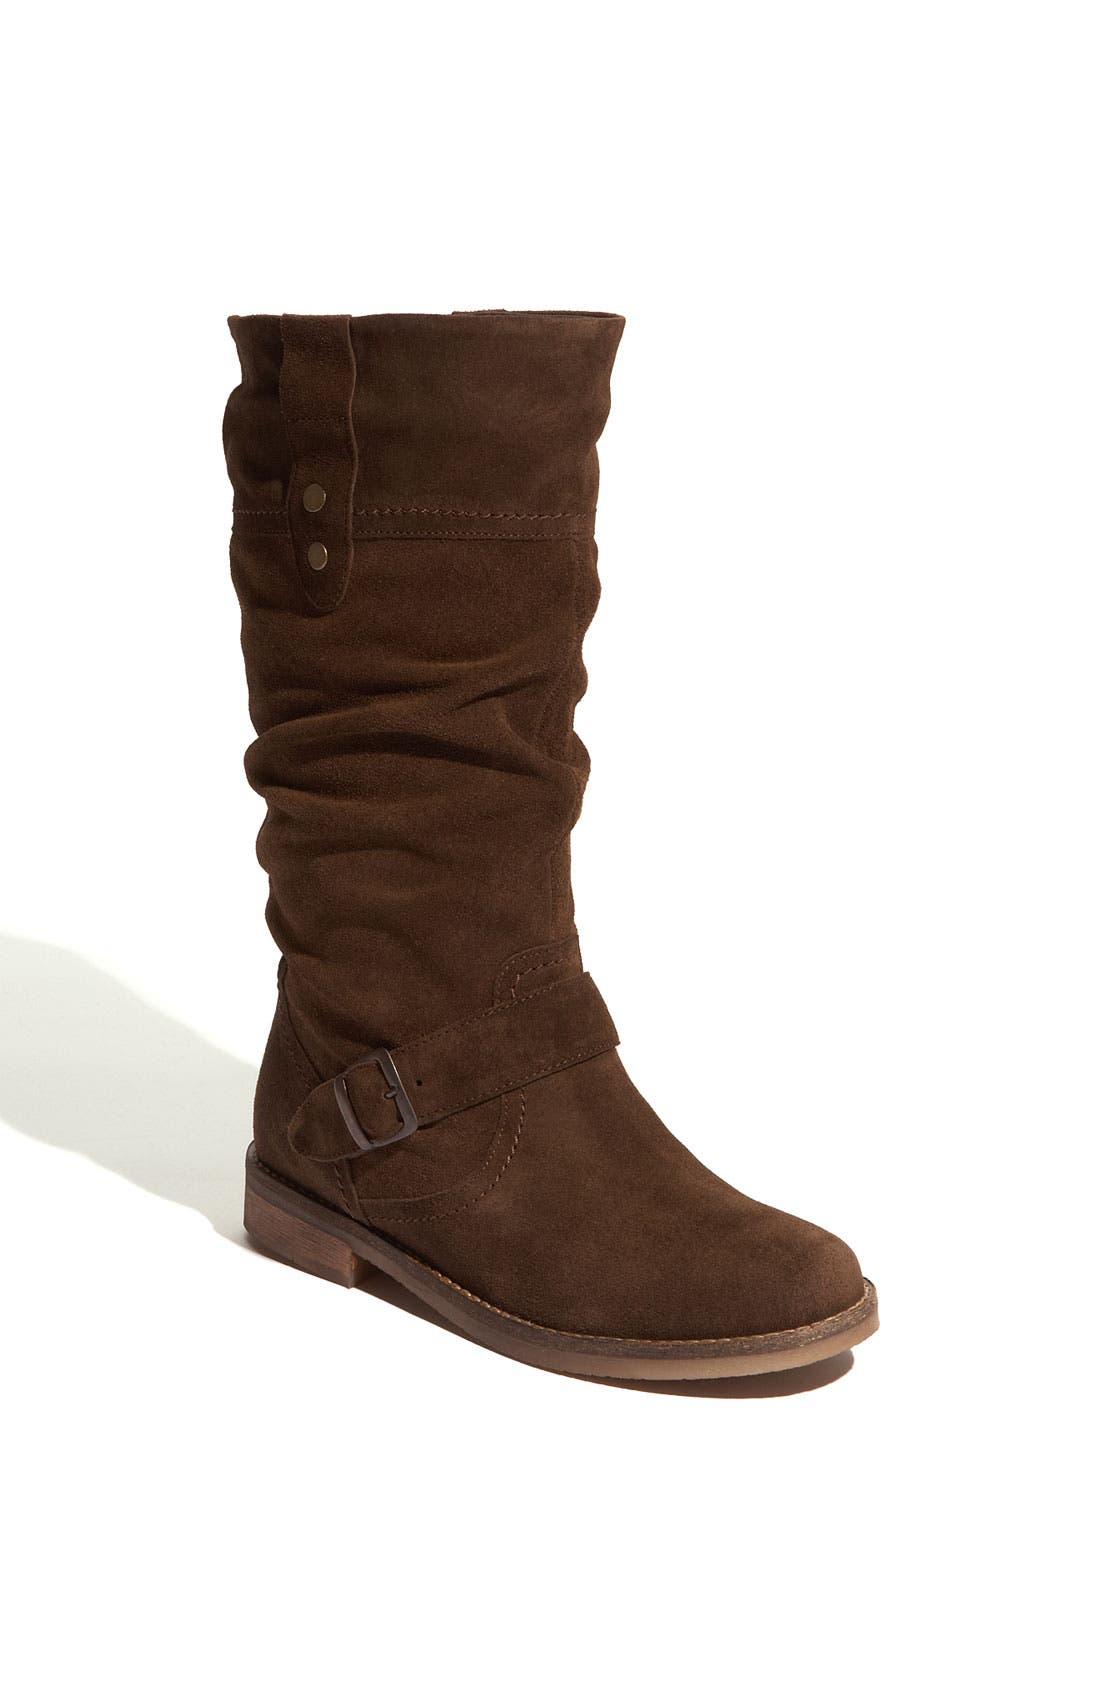 Alternate Image 1 Selected - Eric Michael 'Mesa' Flat Boot